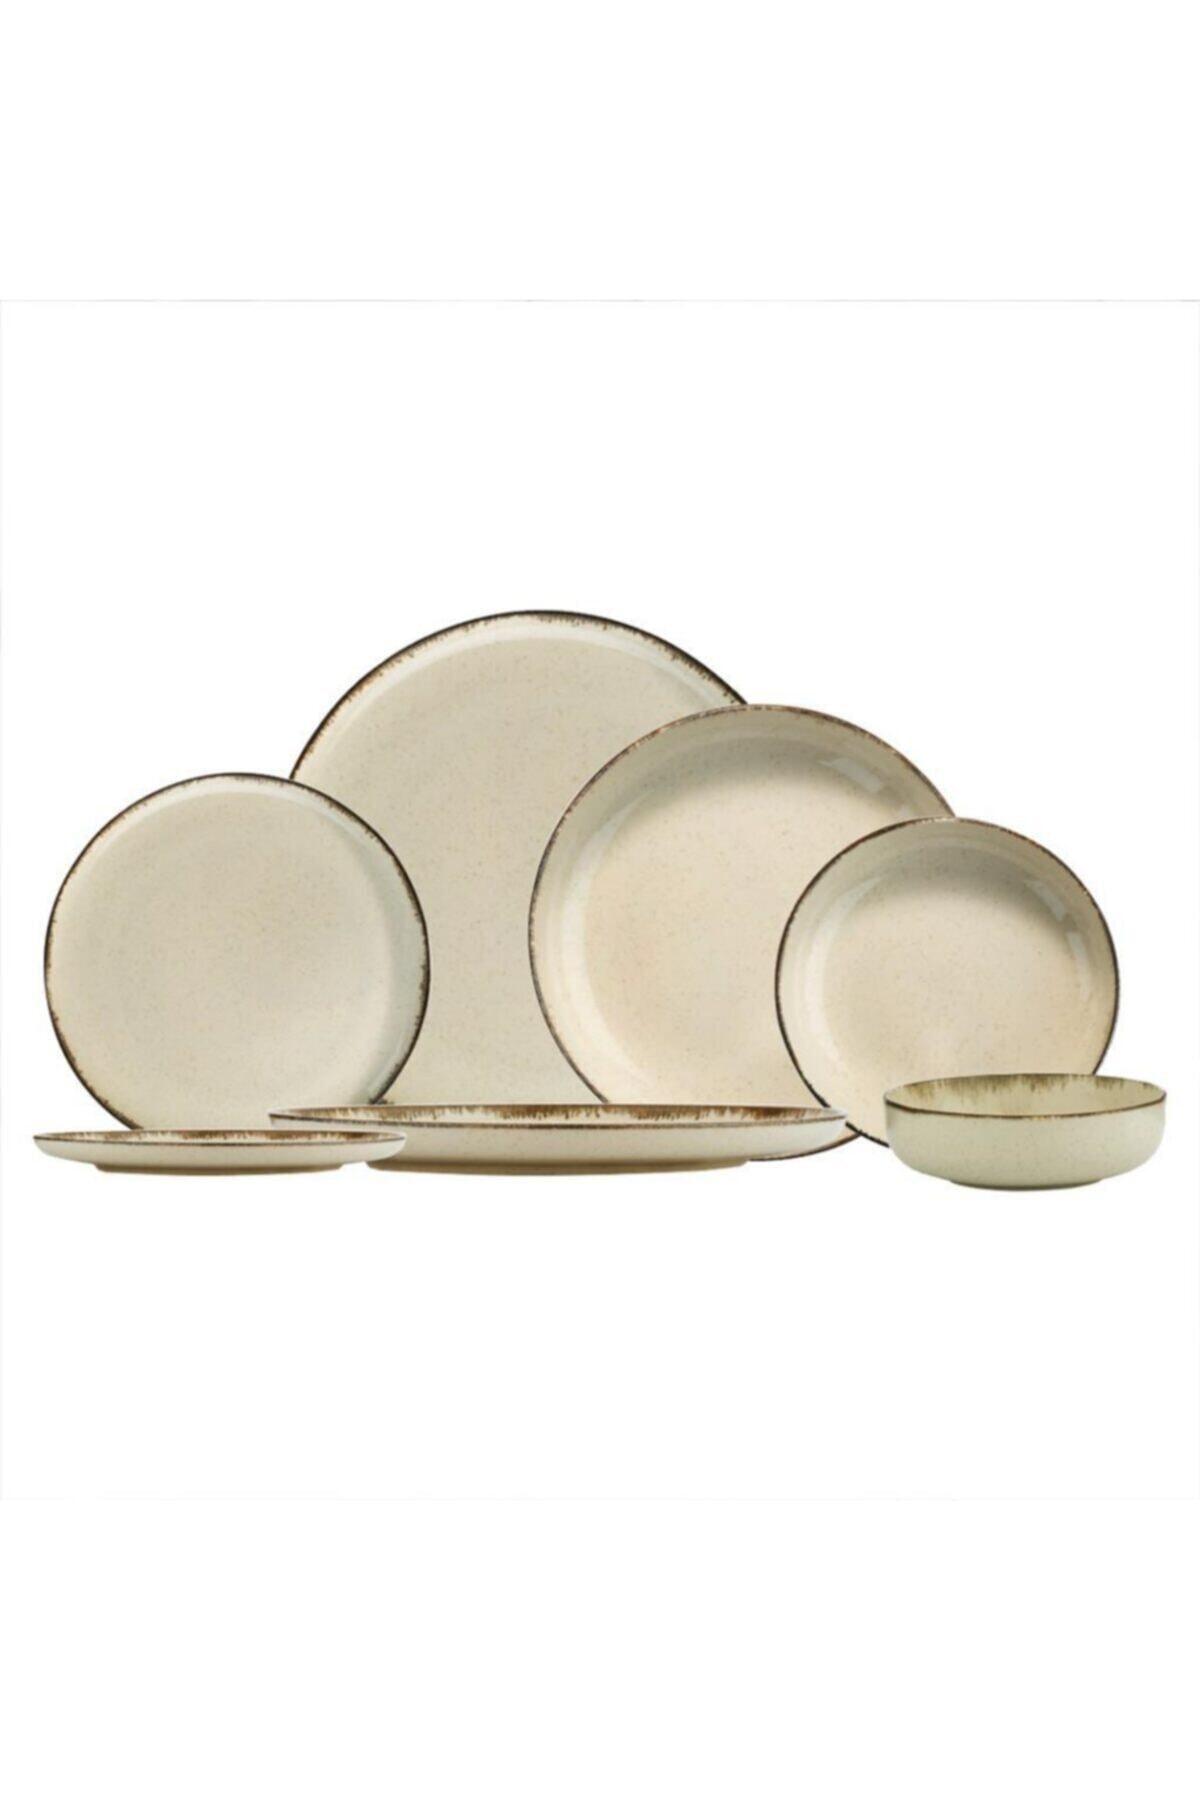 PEARL Porselen Mood Tarçın 12 Kişilik 48 Parça Yuvarlak Yemek Takımı 1